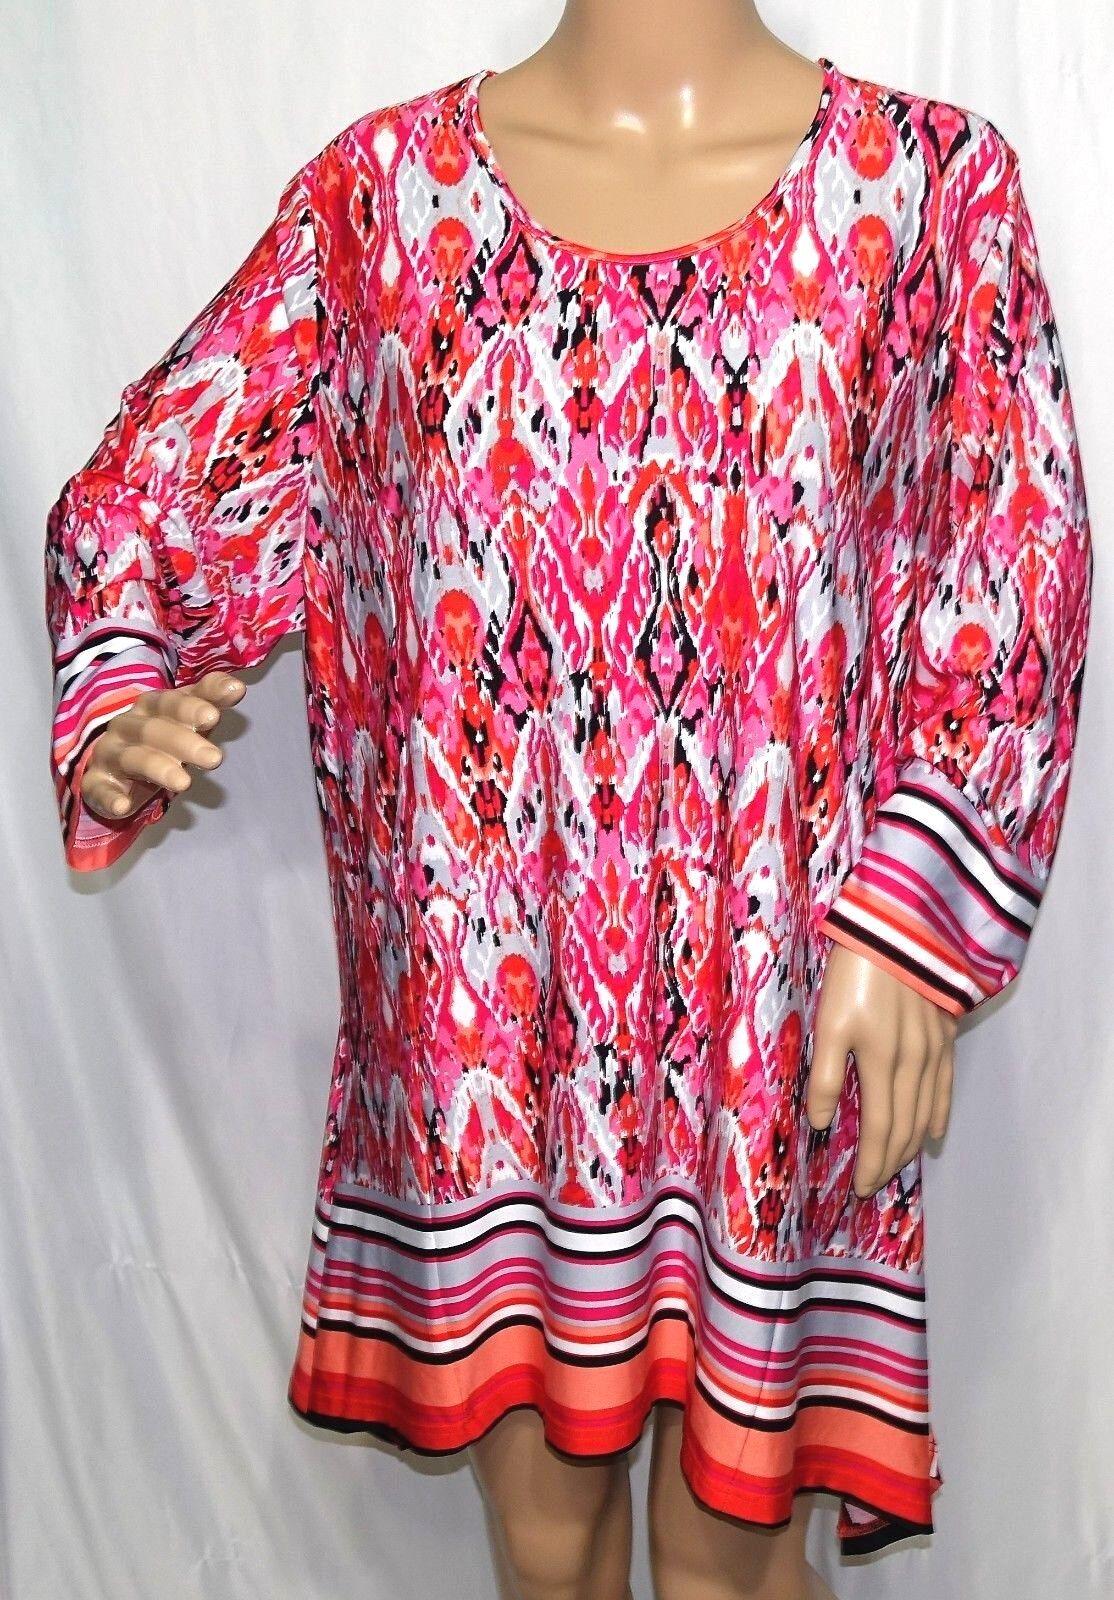 Southern Lady Women Plus Size 1x 2x 3x Pink Coral White Asym Tunic Top Blouse